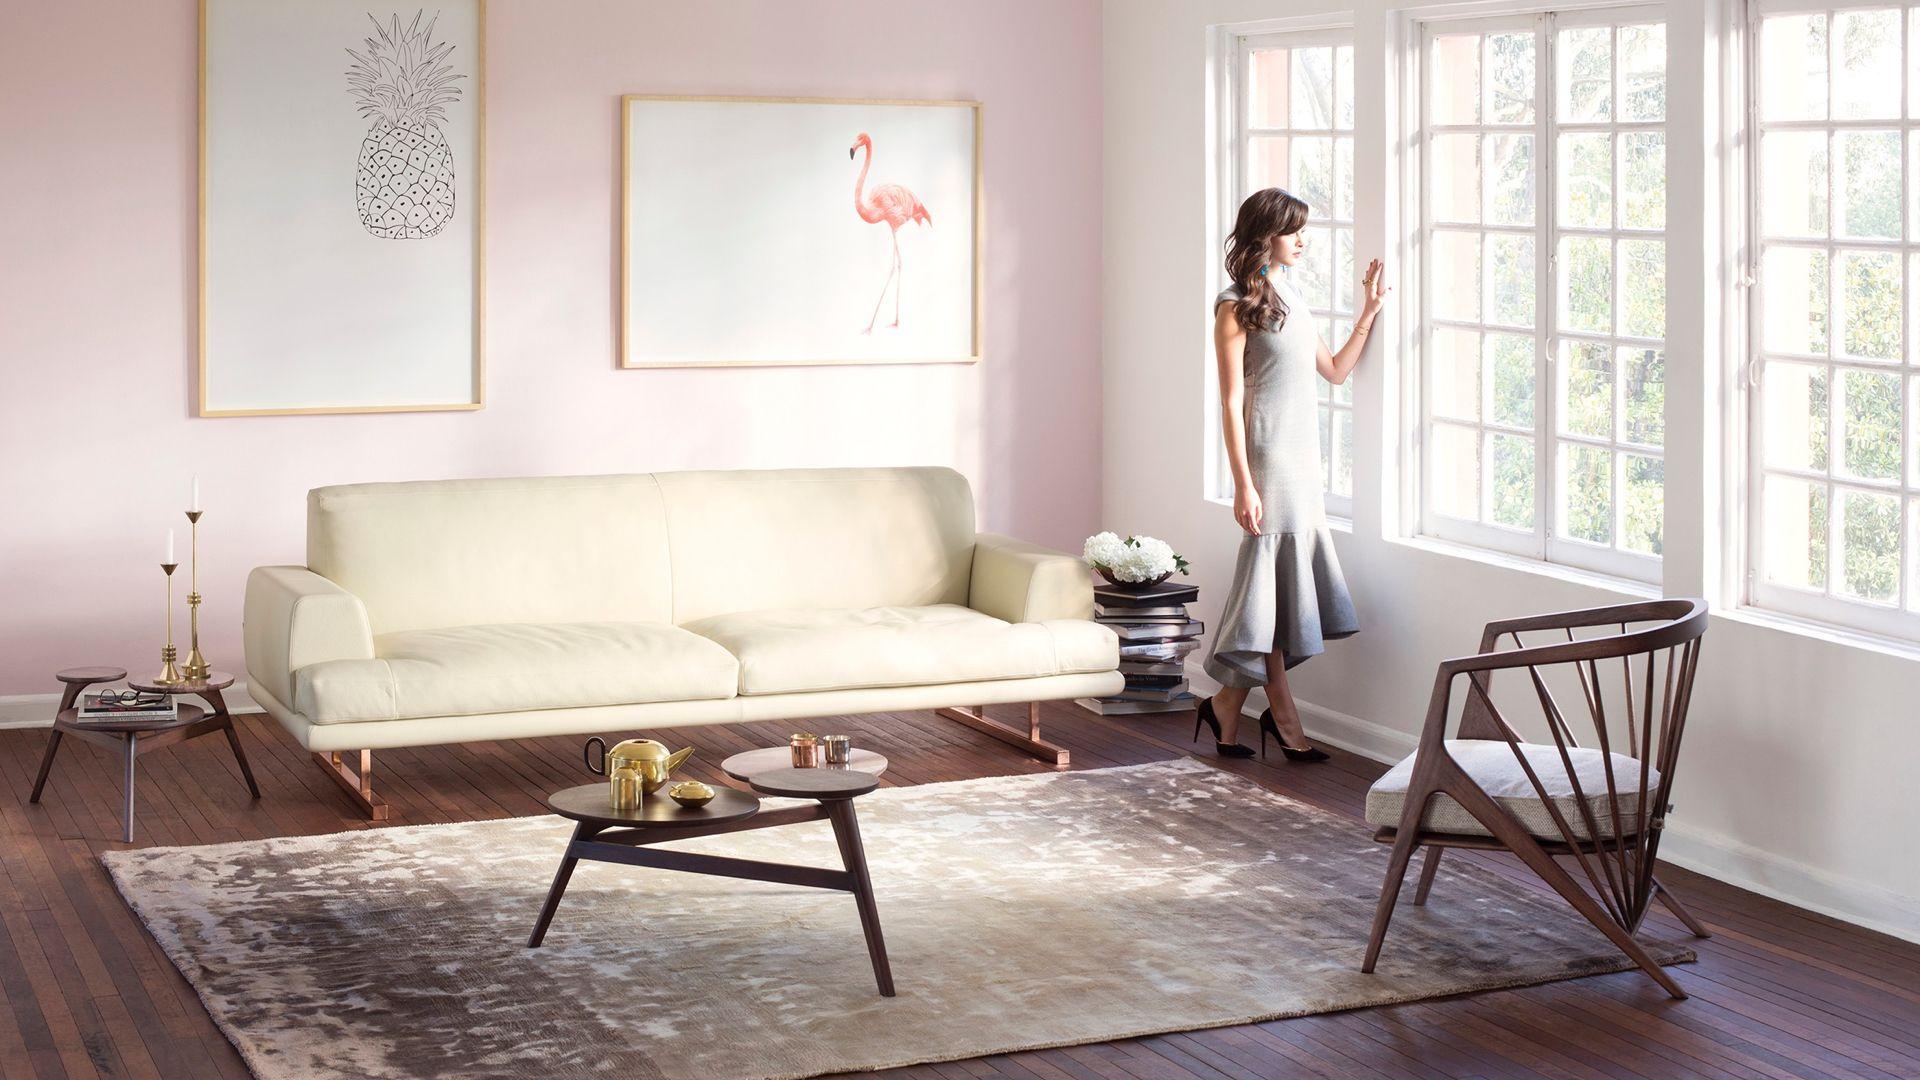 Colecci N Victoria Disponible En Zientte Decor Decoration  # Muebles Zientte